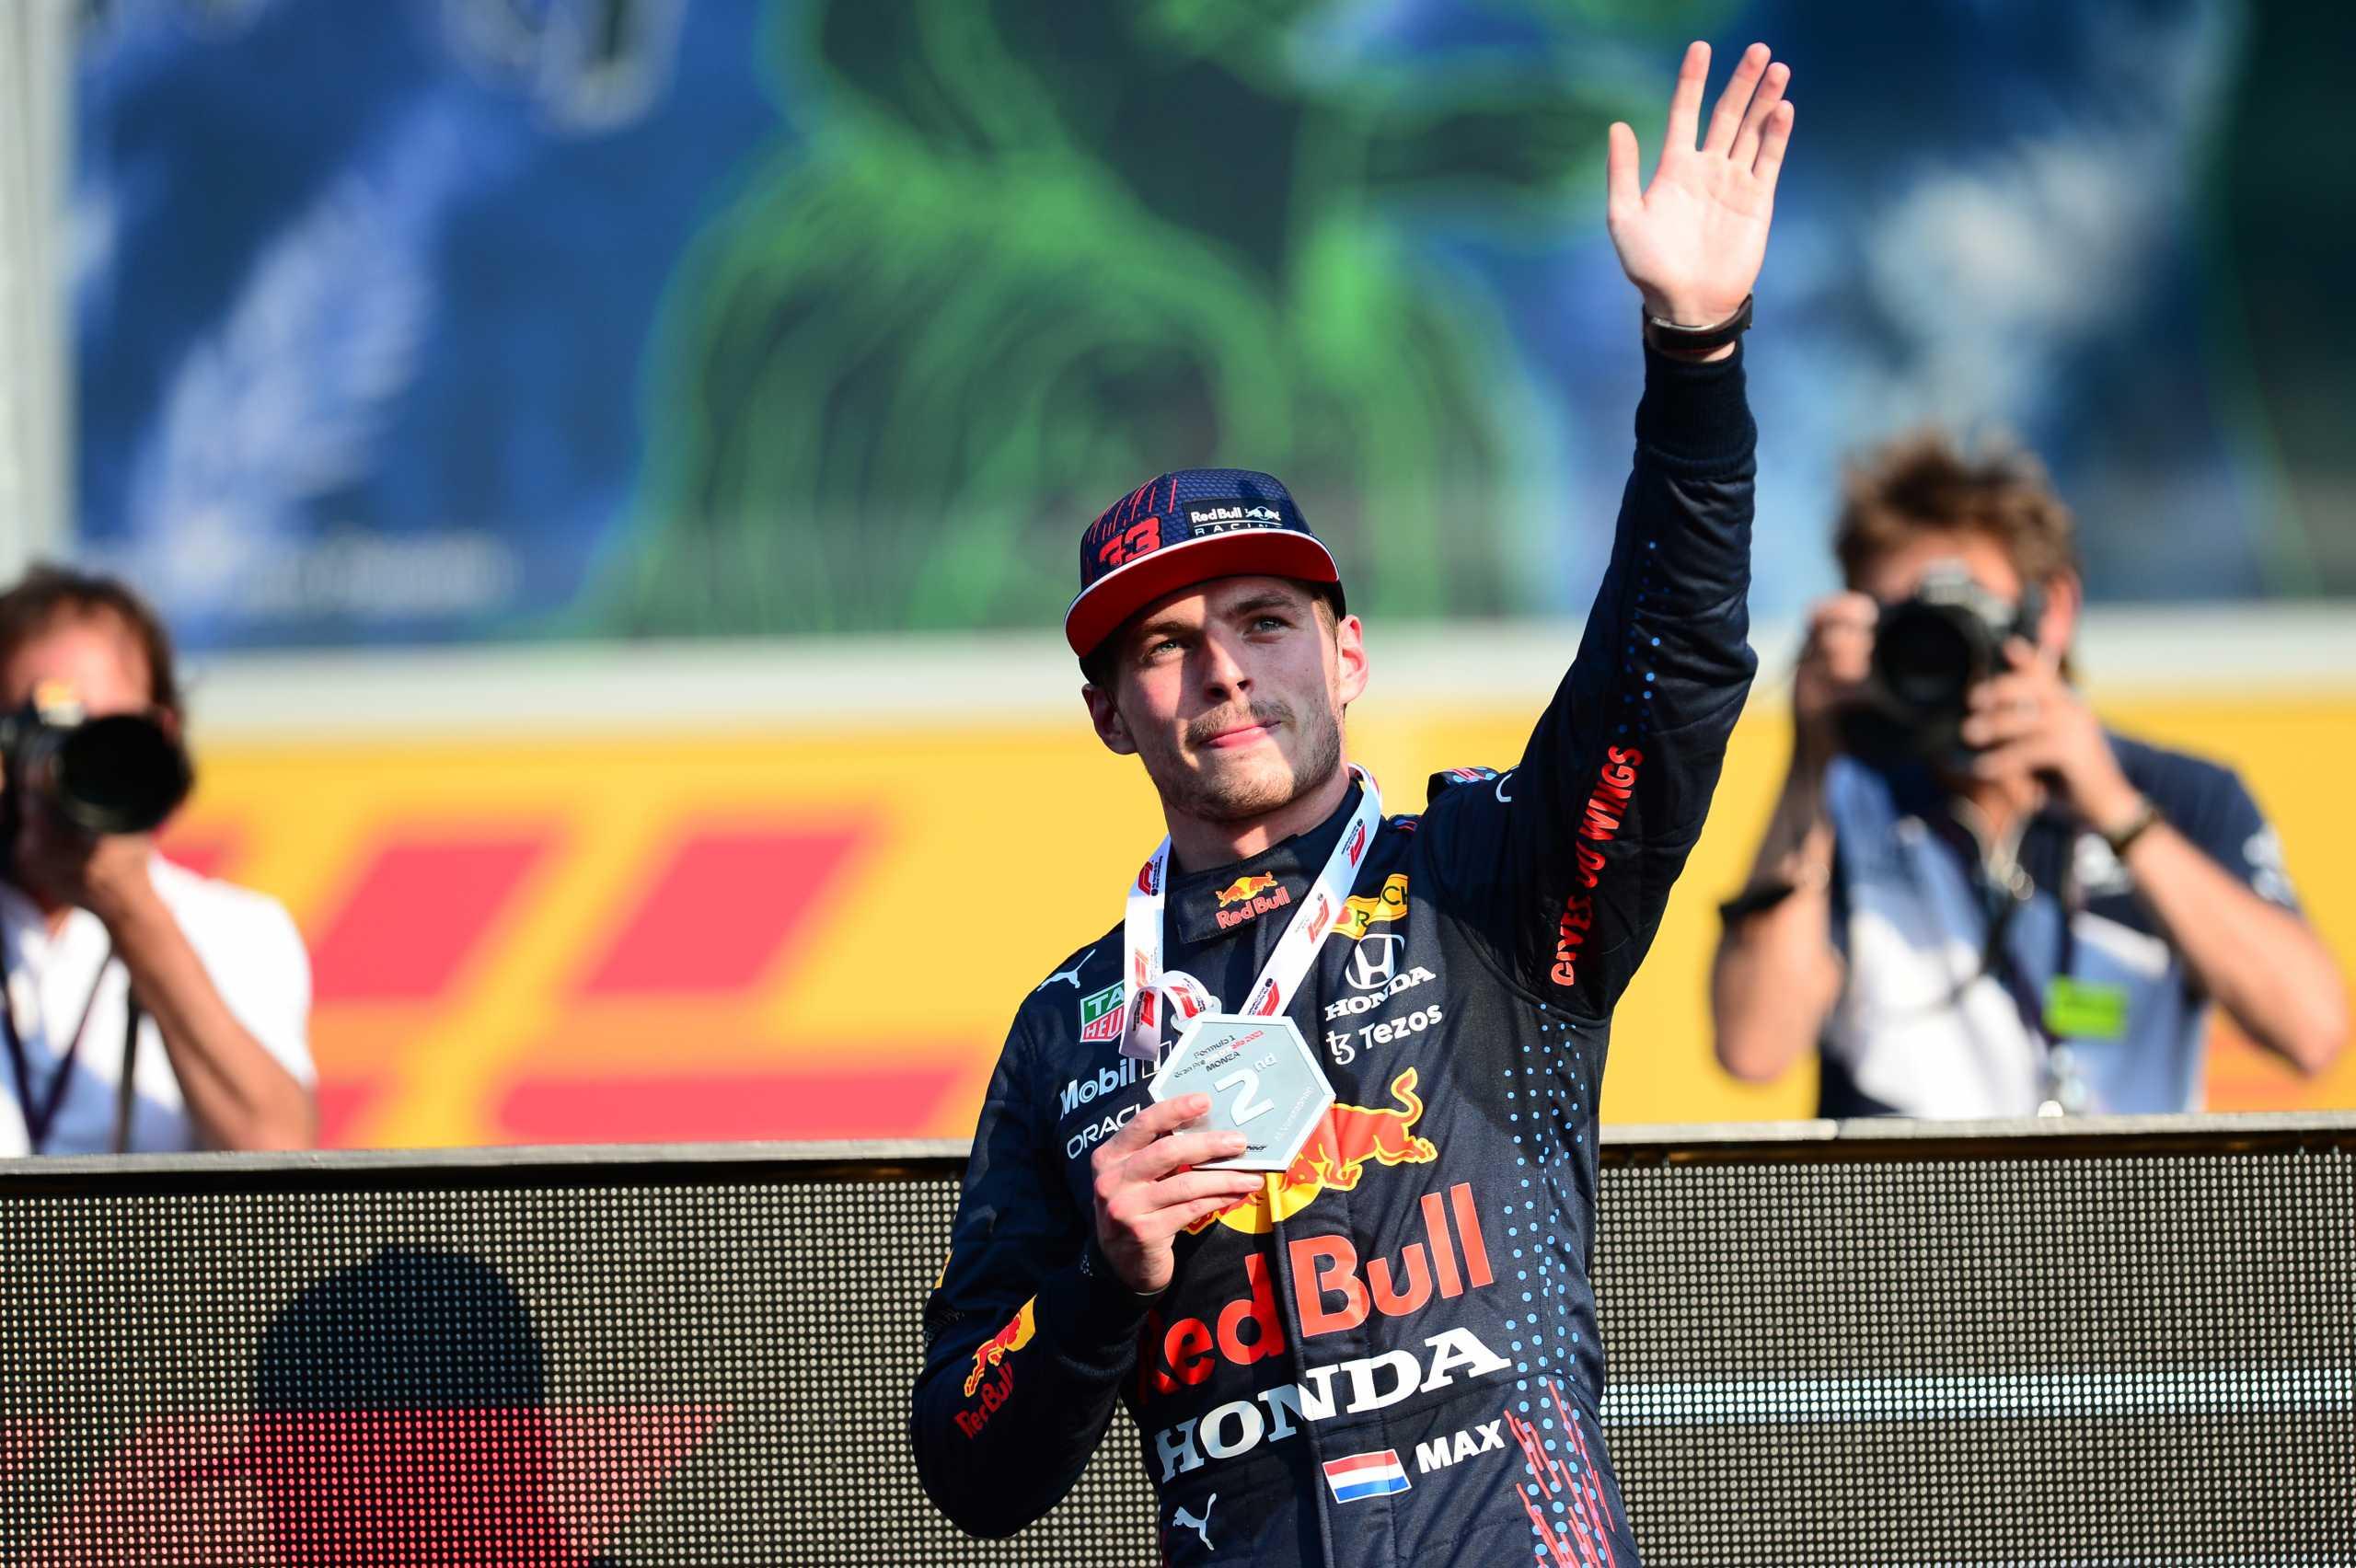 Μαξ Φερστάπεν – Formula 1: Ο Ολλανδός πιλότος θα εκκινήσει τελευταίος στη Ρωσία